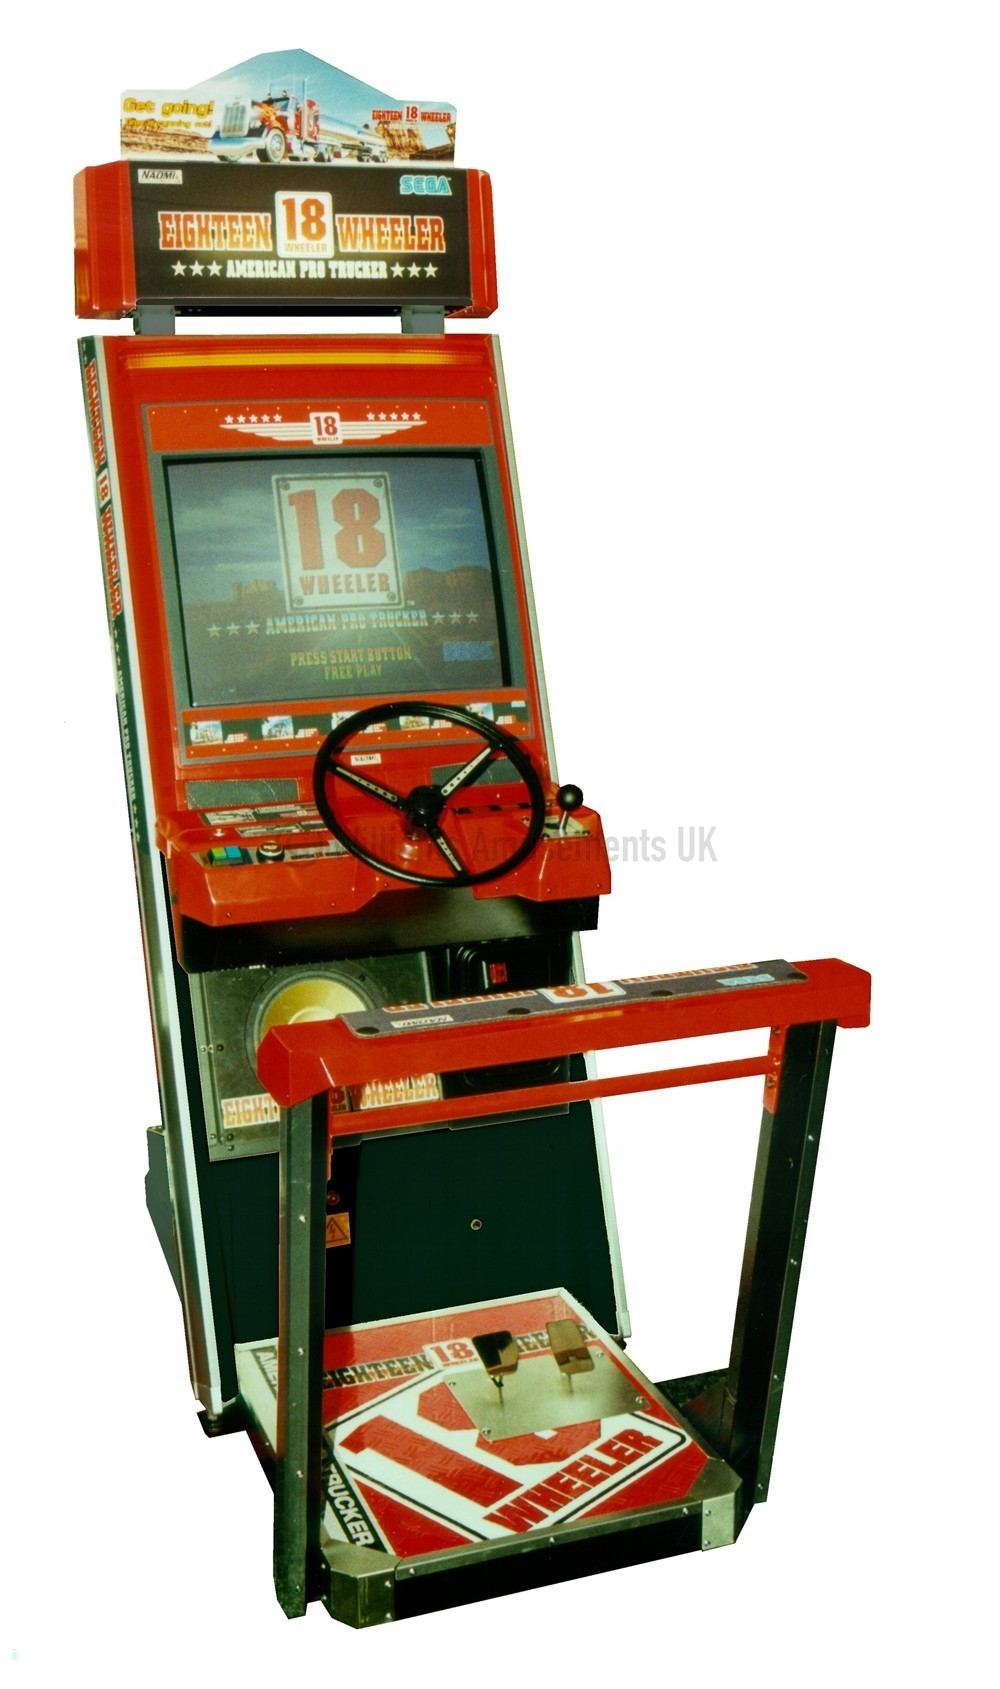 18 Wheeler For Sale >> sega 18 wheeler arcade game for sale